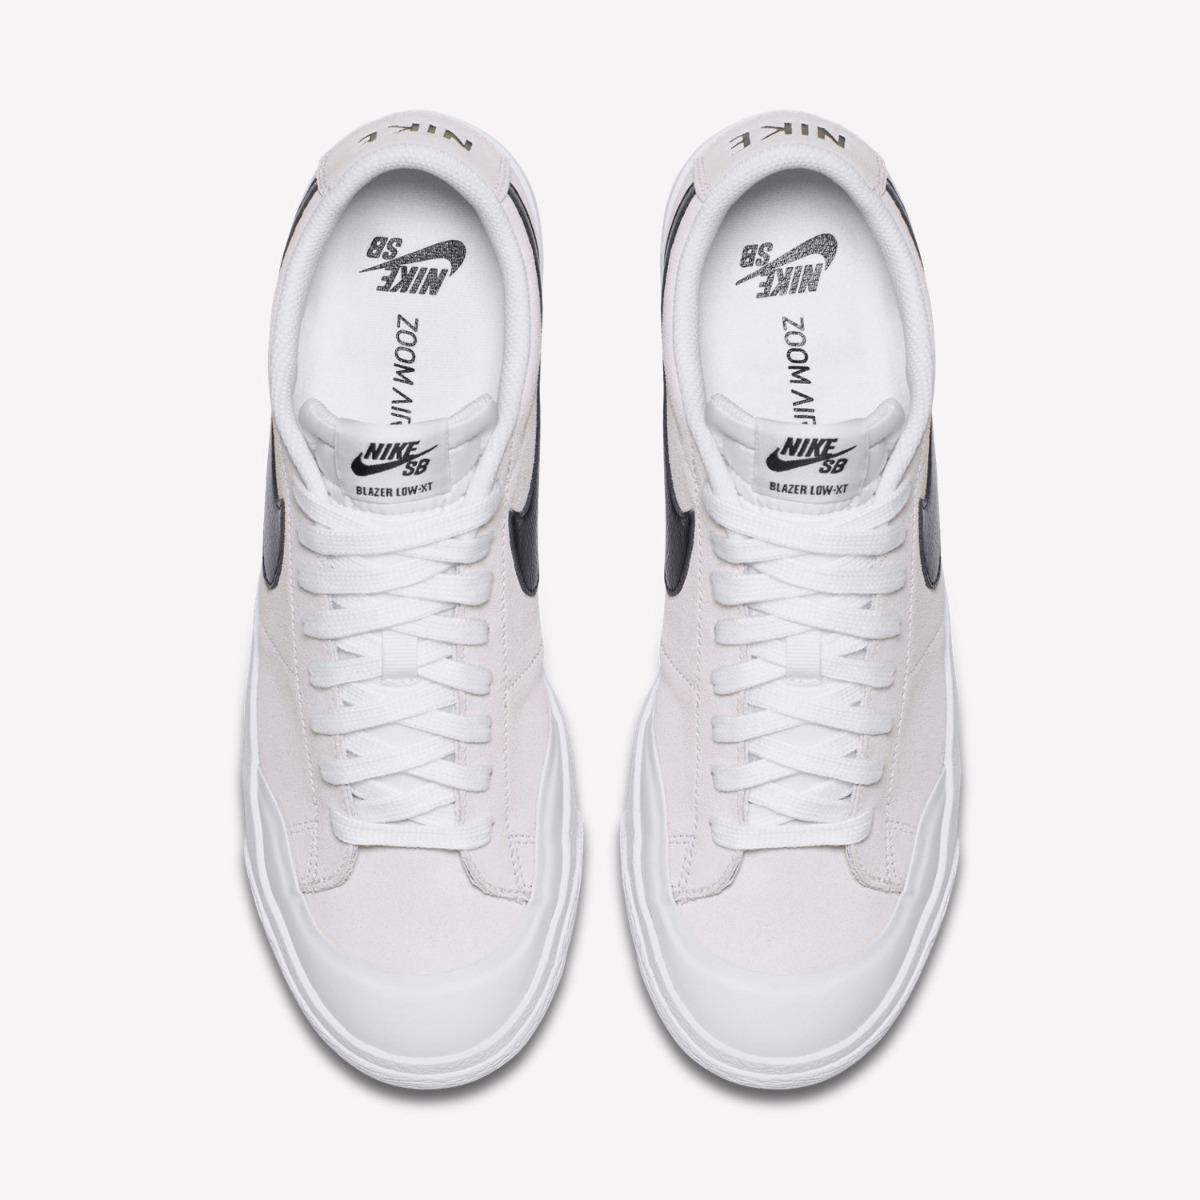 Zapatillas Nike Sb Blazer Zoom Low Blanco Original Nuevo